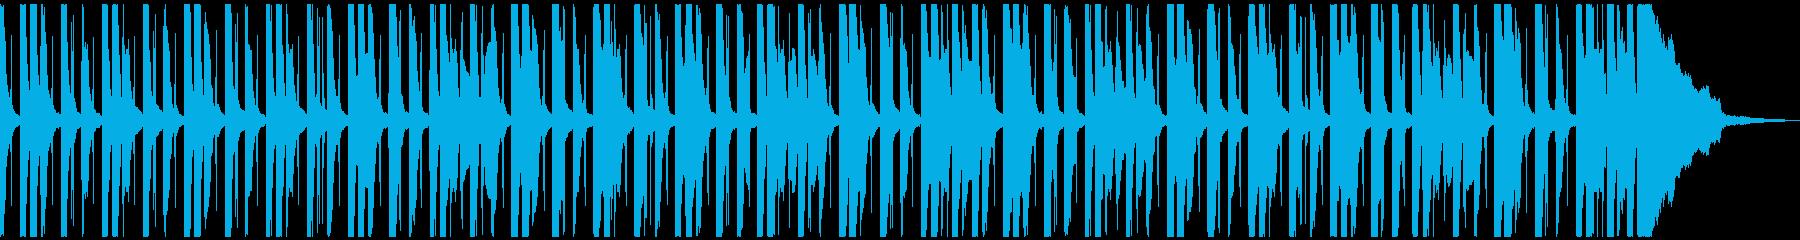 コミカルでほのぼのした雰囲気のBGMの再生済みの波形